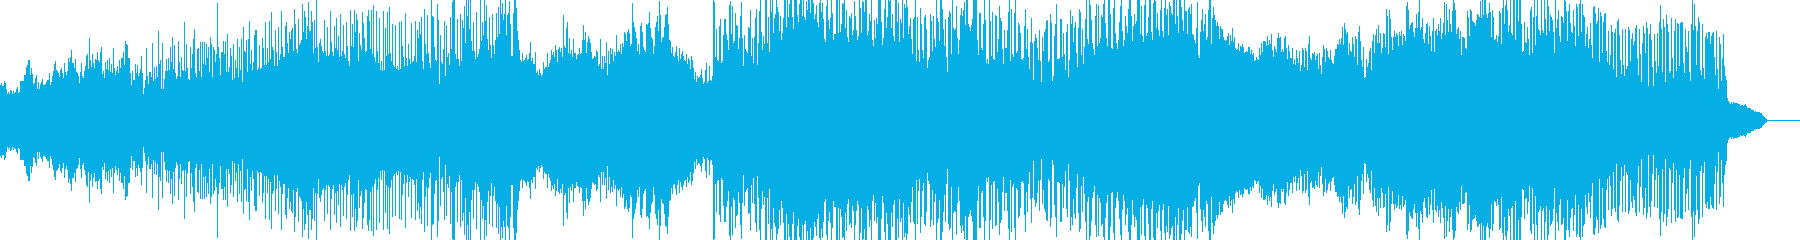 アンビエントロックー廃墟の再生済みの波形